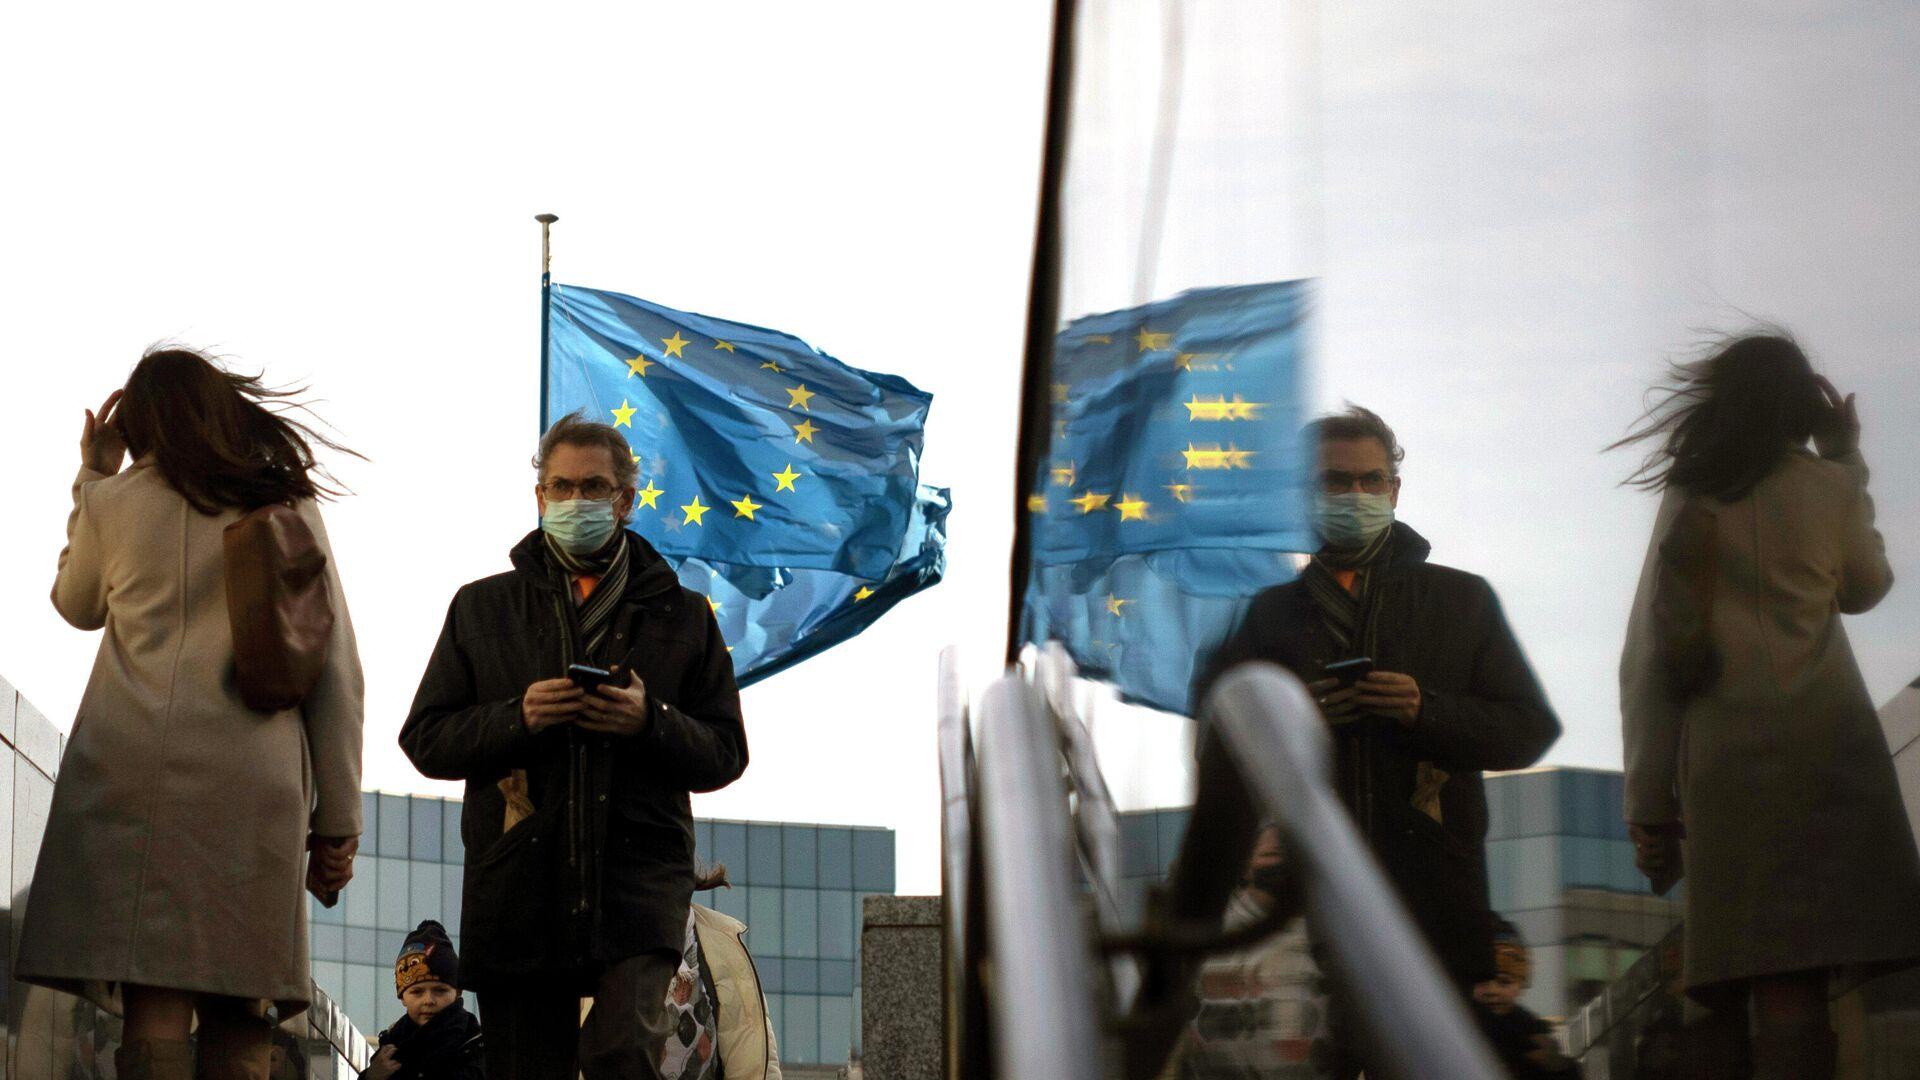 Флаги Европейского Союза перед штаб-квартирой ЕС в Брюсселе - РИА Новости, 1920, 10.09.2021